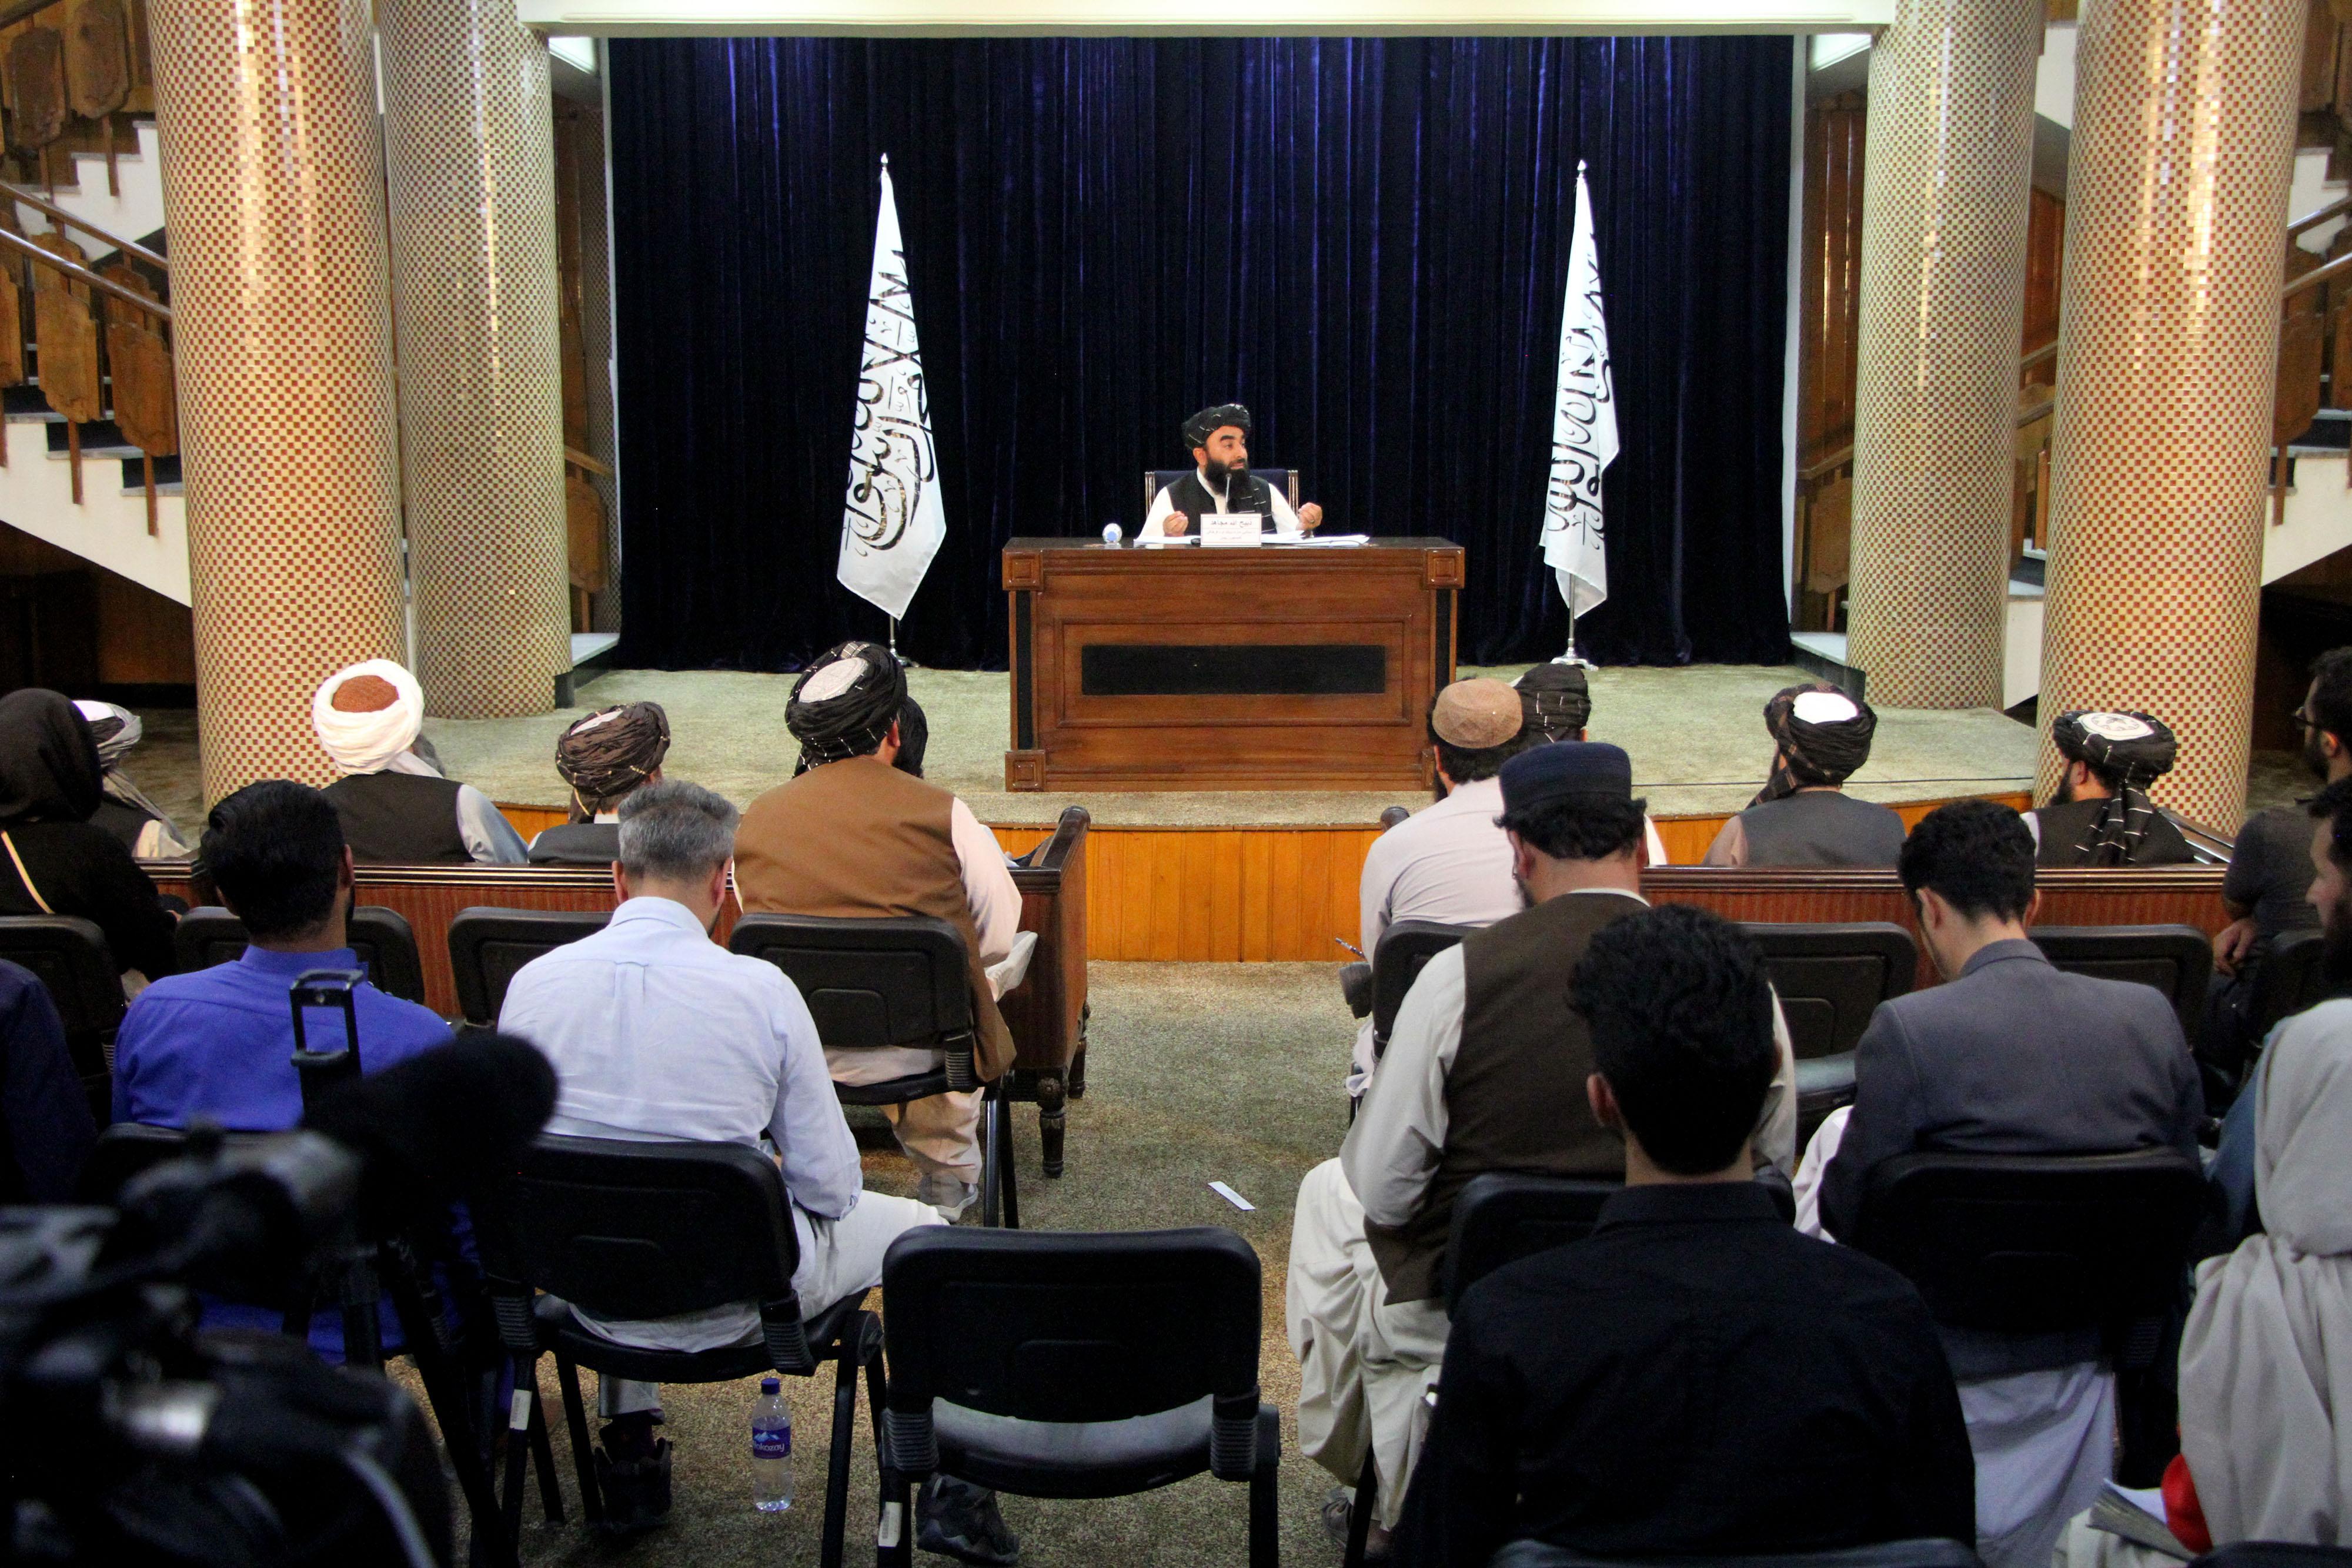 9月7日,阿富汗塔利班发言人穆贾希德在喀布尔出席记者会。当日,阿富汗塔利班发言人穆贾希德在喀布尔举行的记者会上表示,塔利班决定组建临时政府,并公布了临时政府主要成员。新华社 图